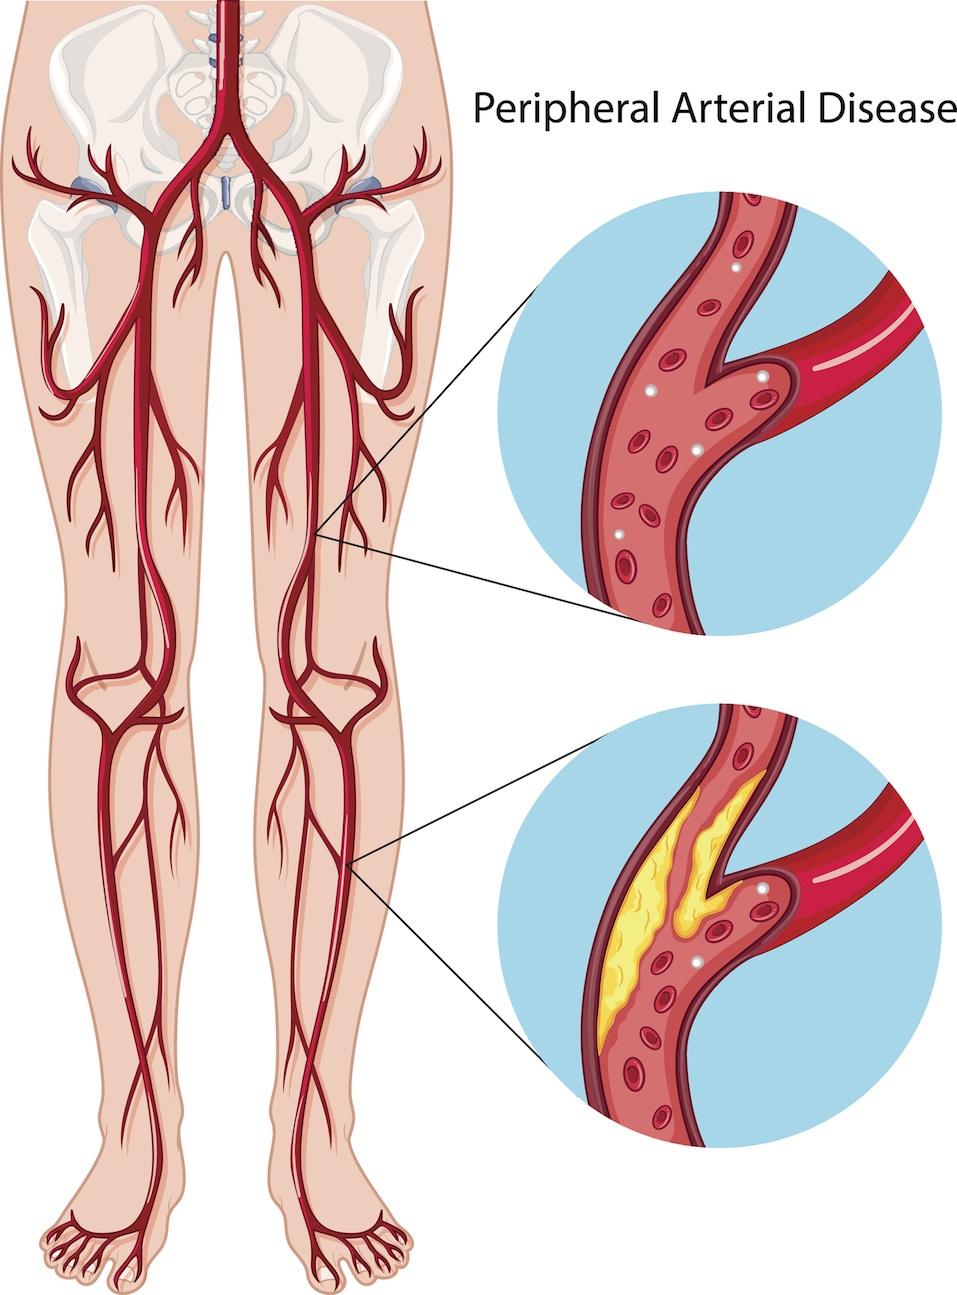 Peripheral arterial disease diagram illustration